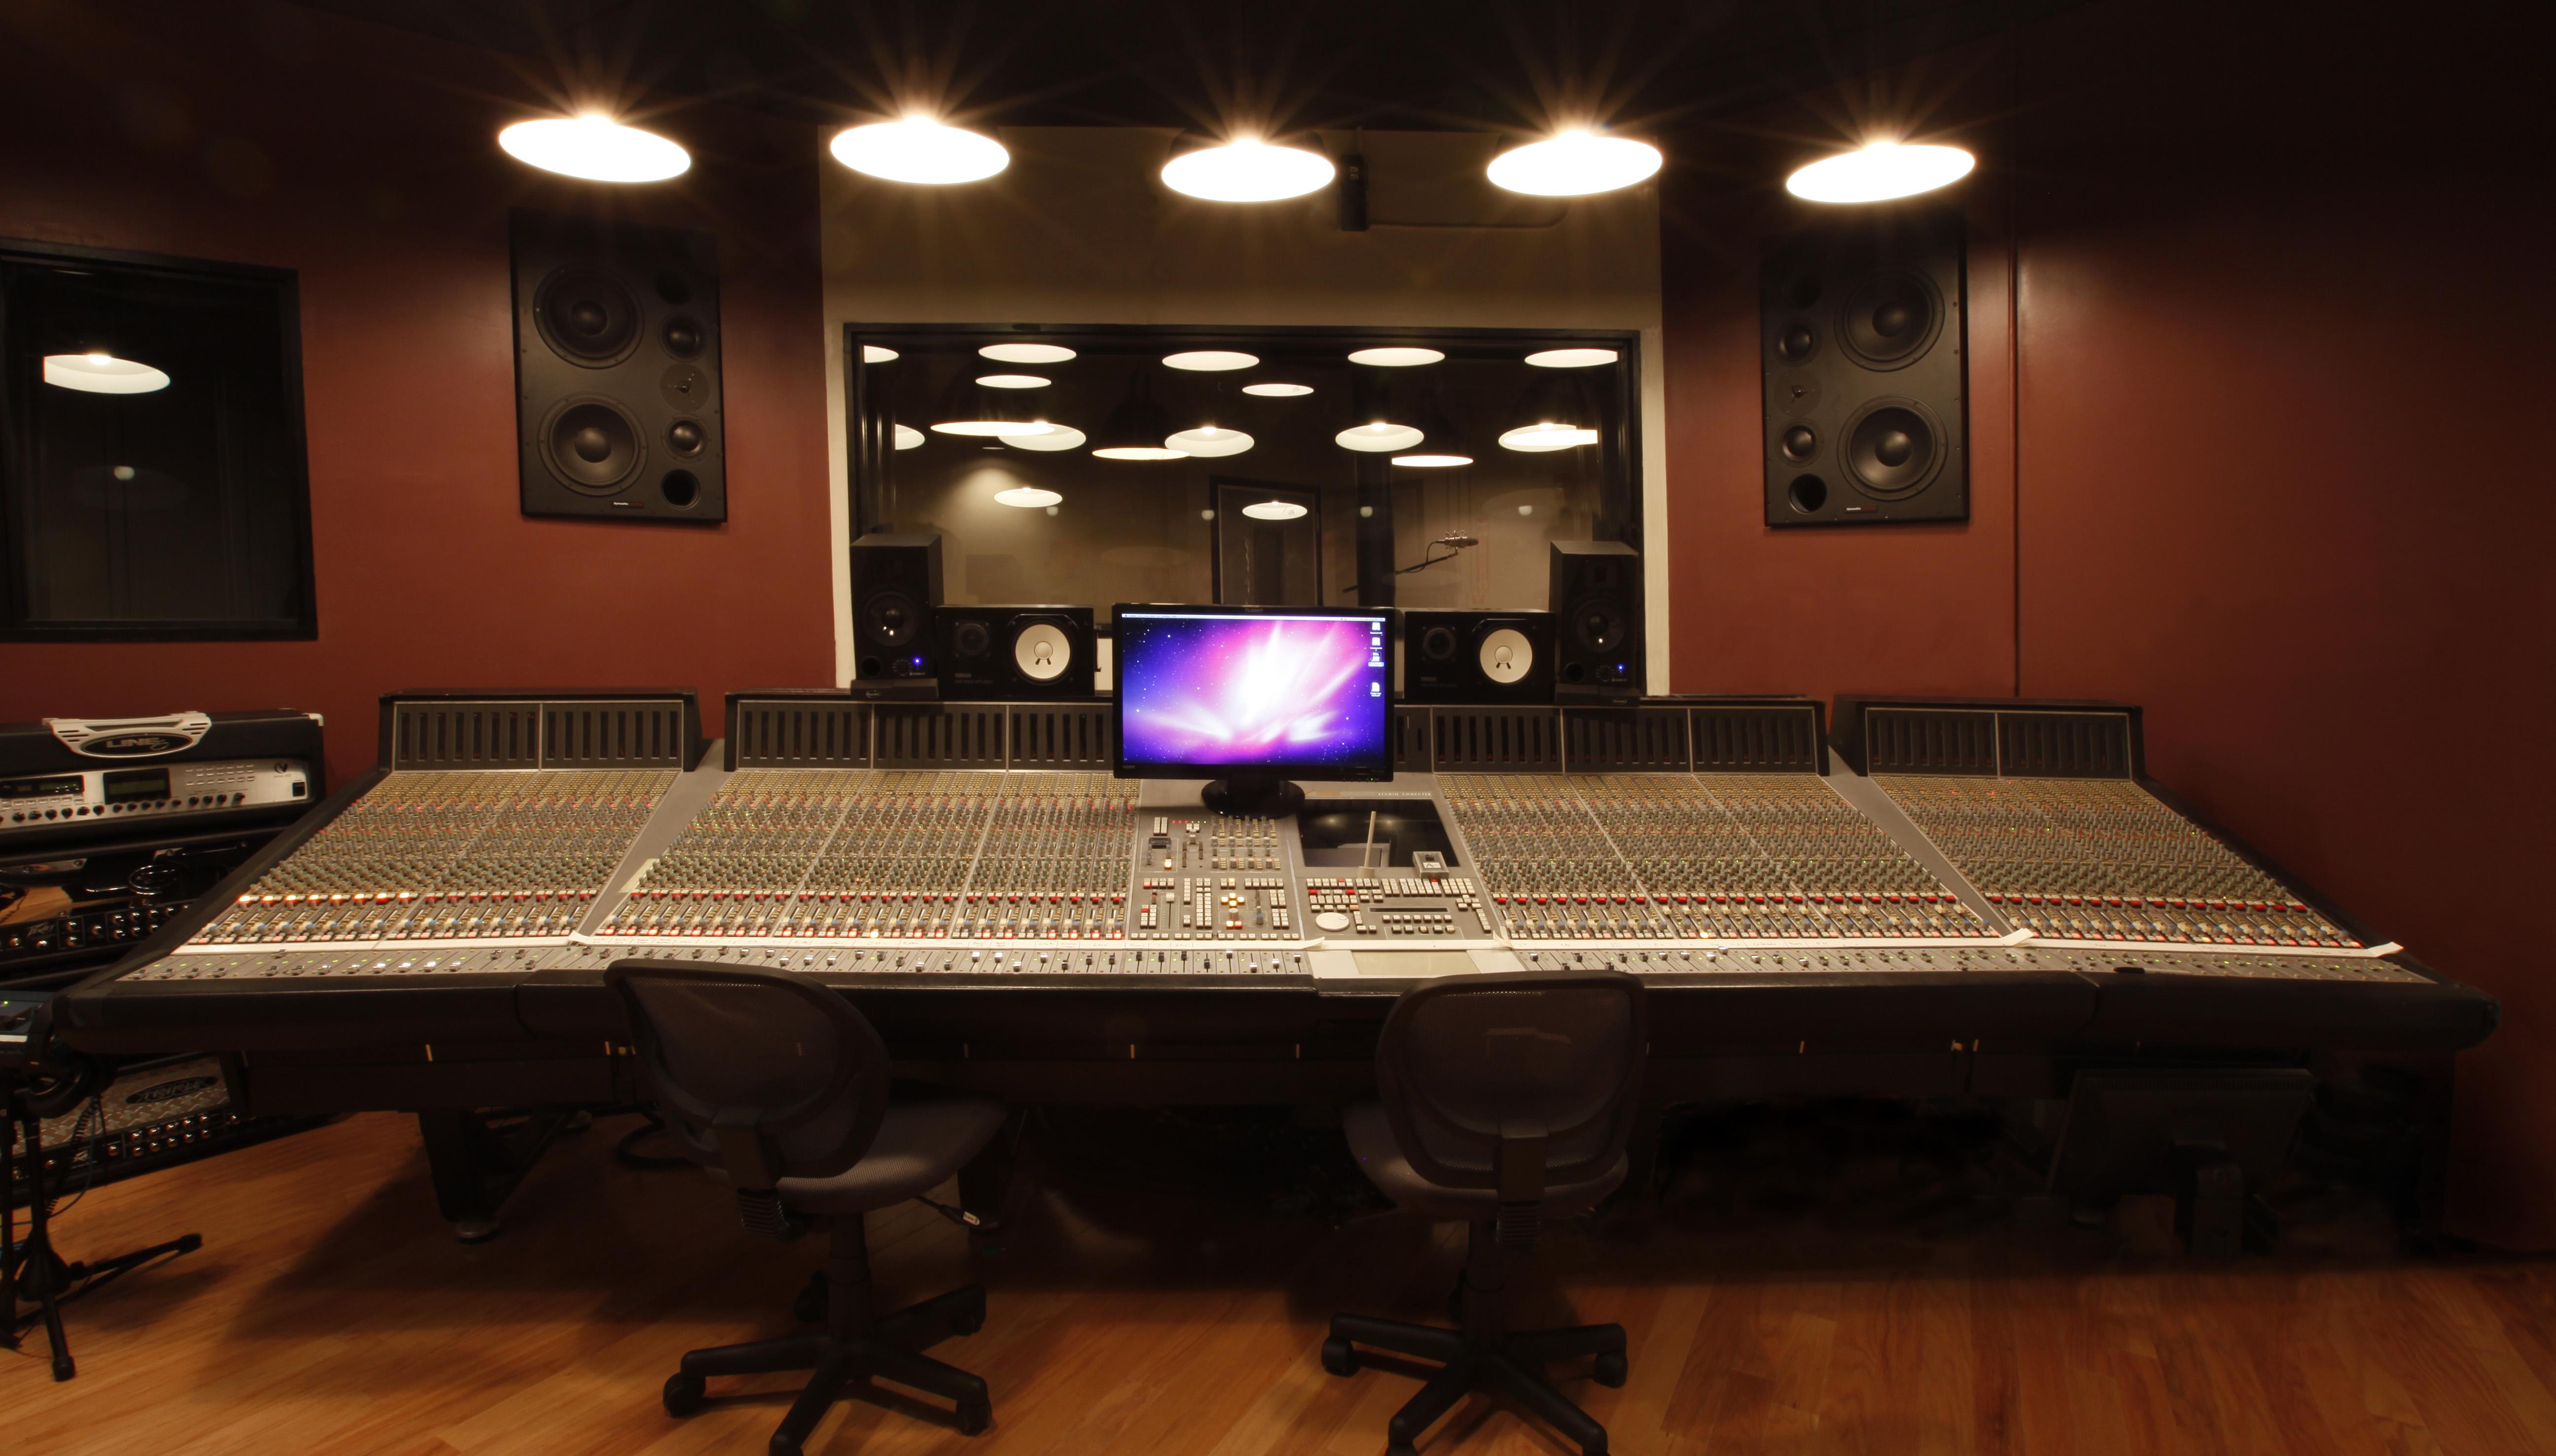 Recording Studio Wallpaper Hd Widescreen 30 1080p Wallpaperizcom 5188x2956